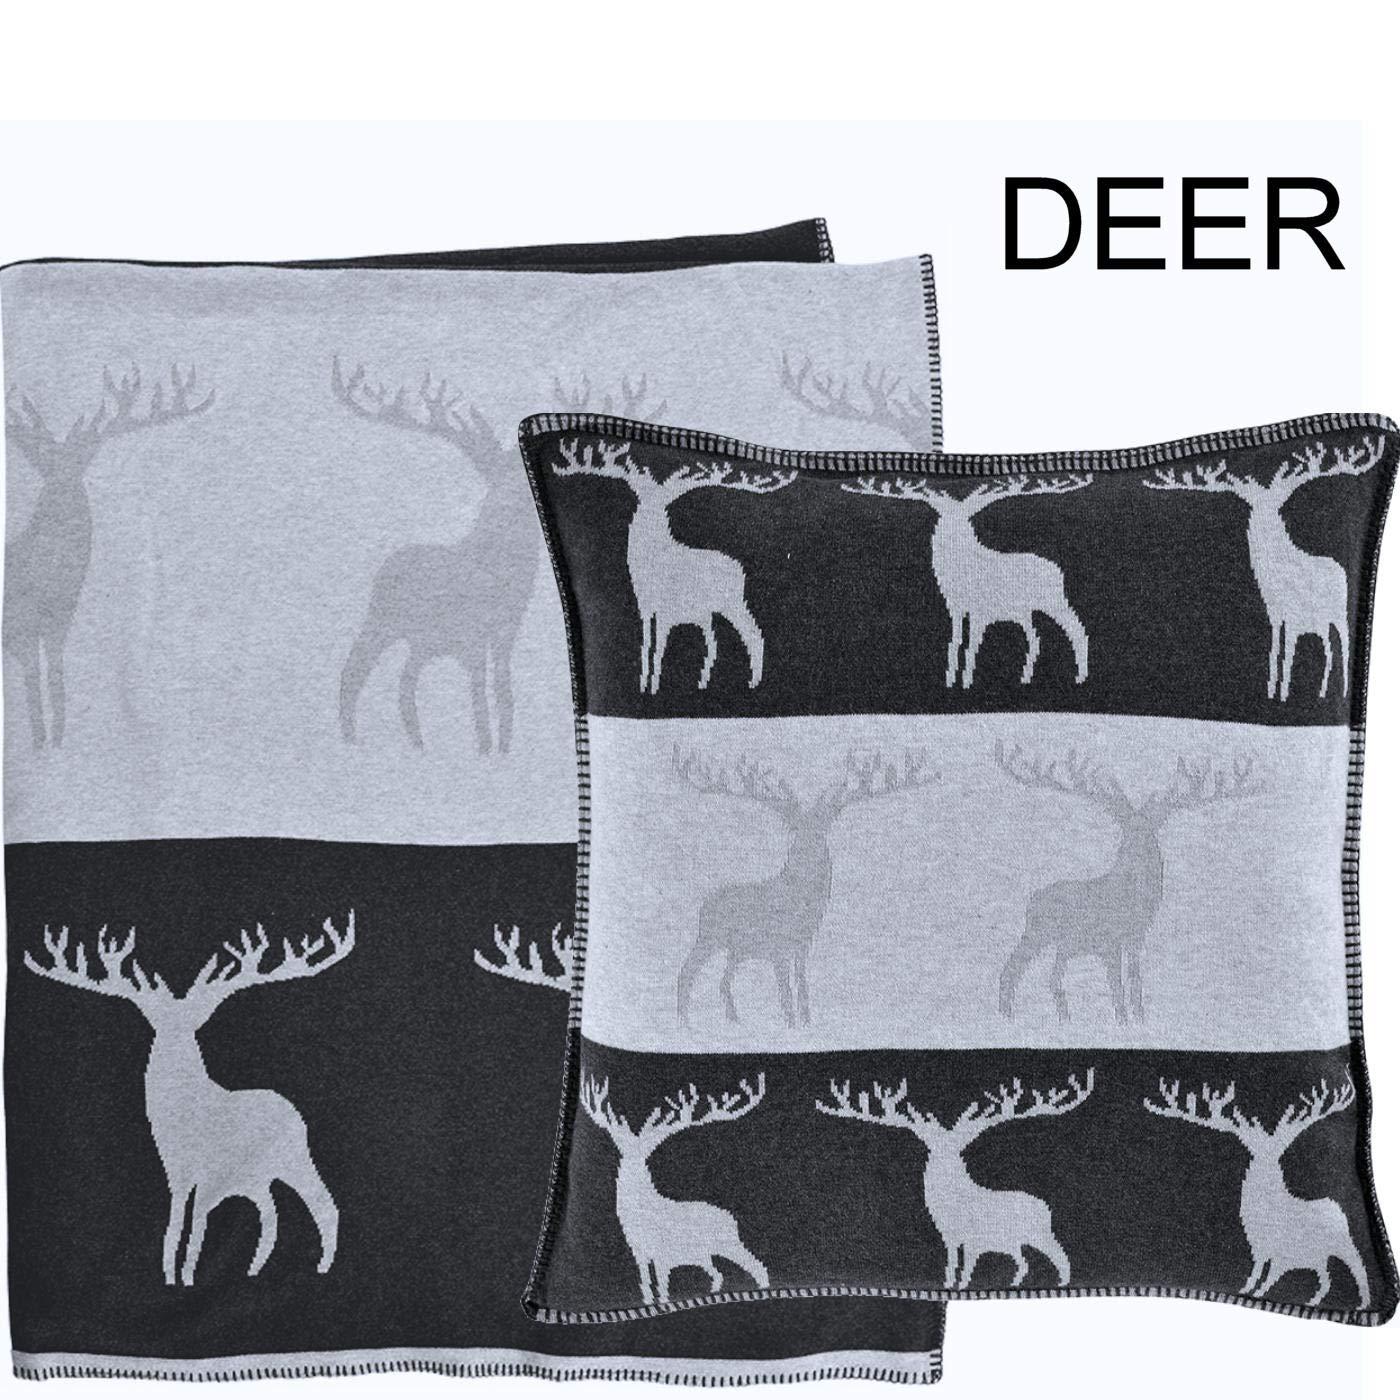 Sander Weihnachten Strick Motiv Deer Hirsch Plaid Tagesdecke Kuscheldecke 125 x 150 cm Baumwolle